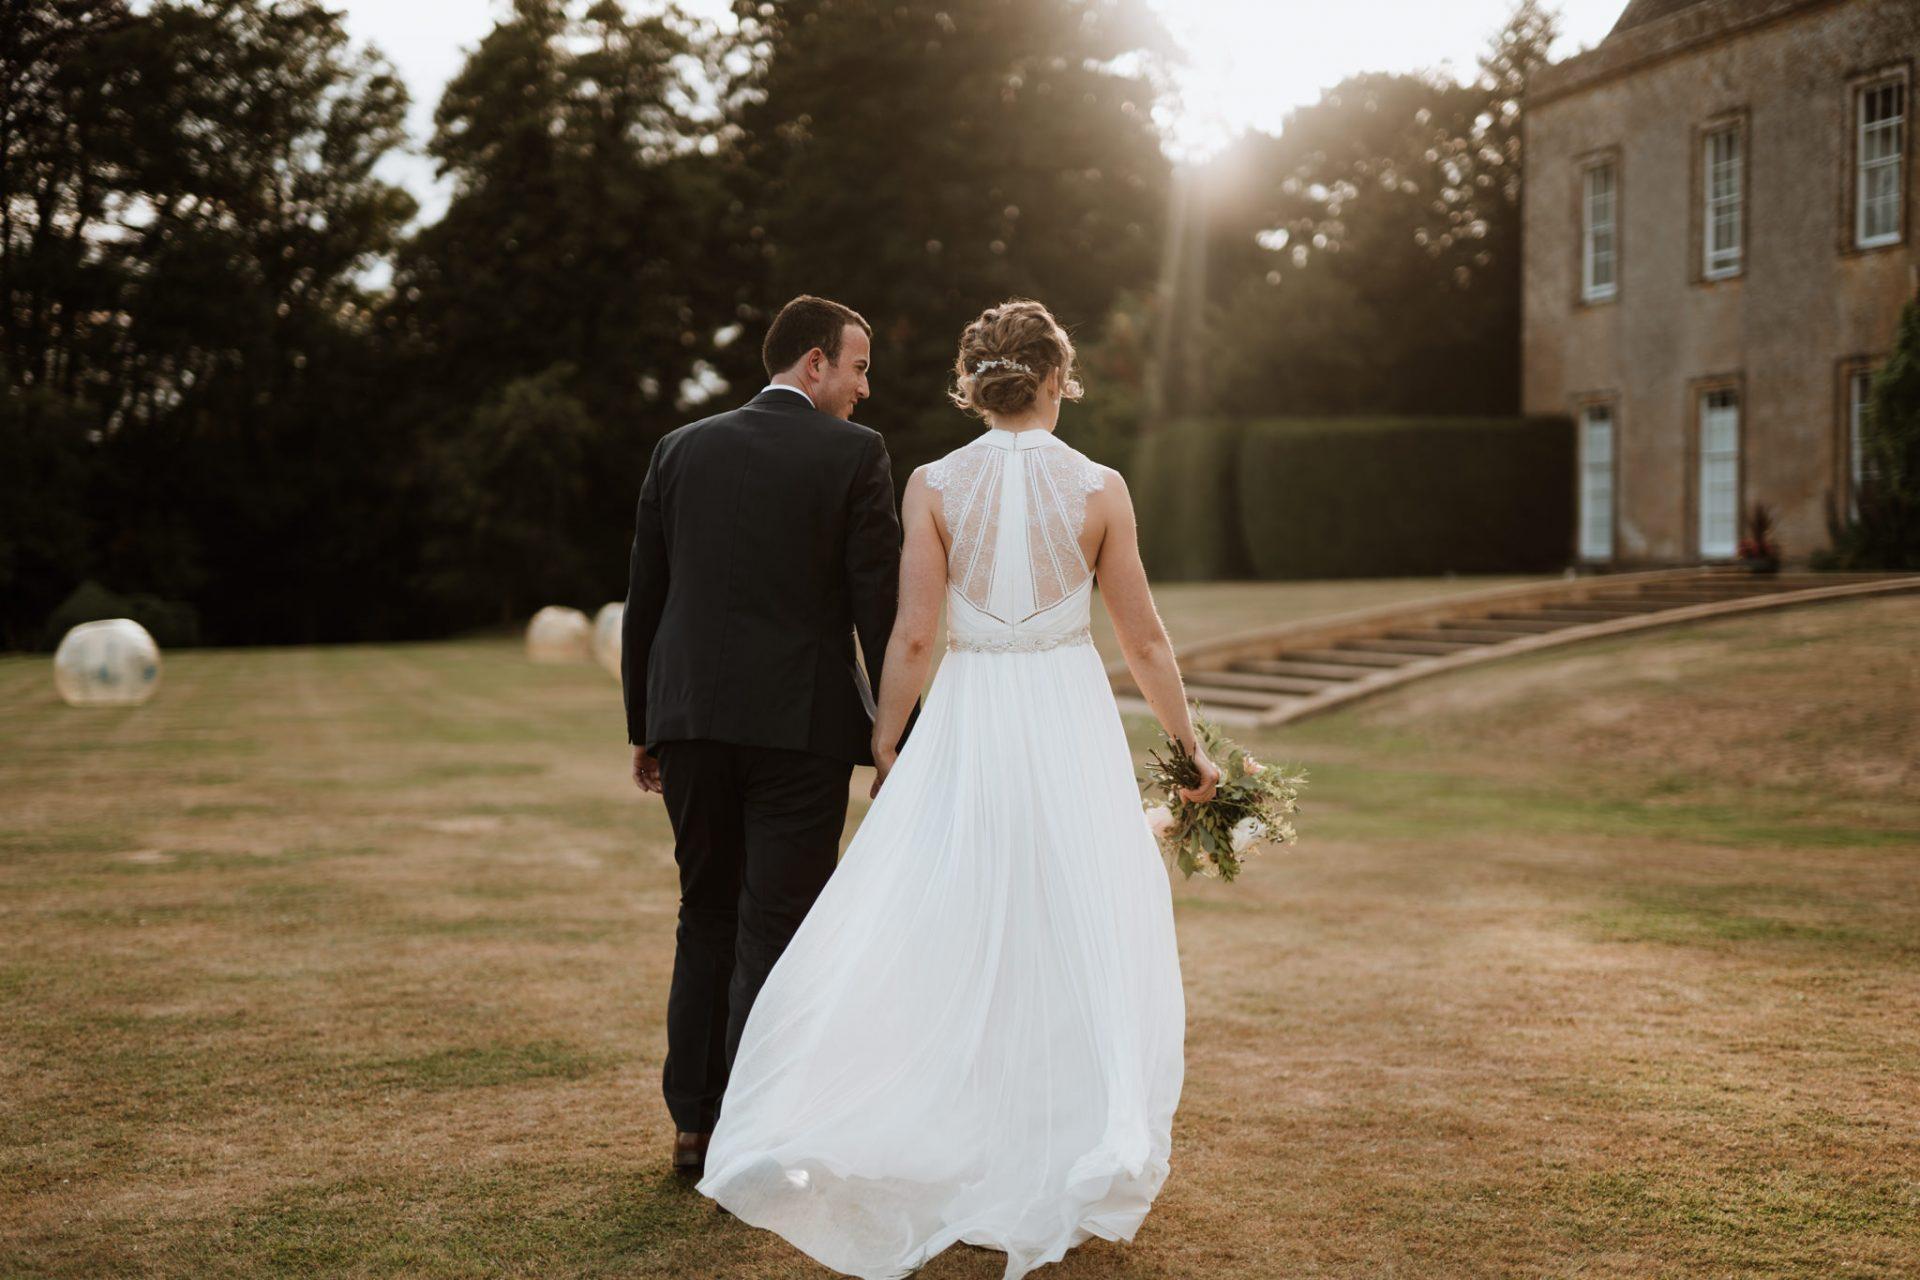 bride and groom walk away north cadbury court golden hour